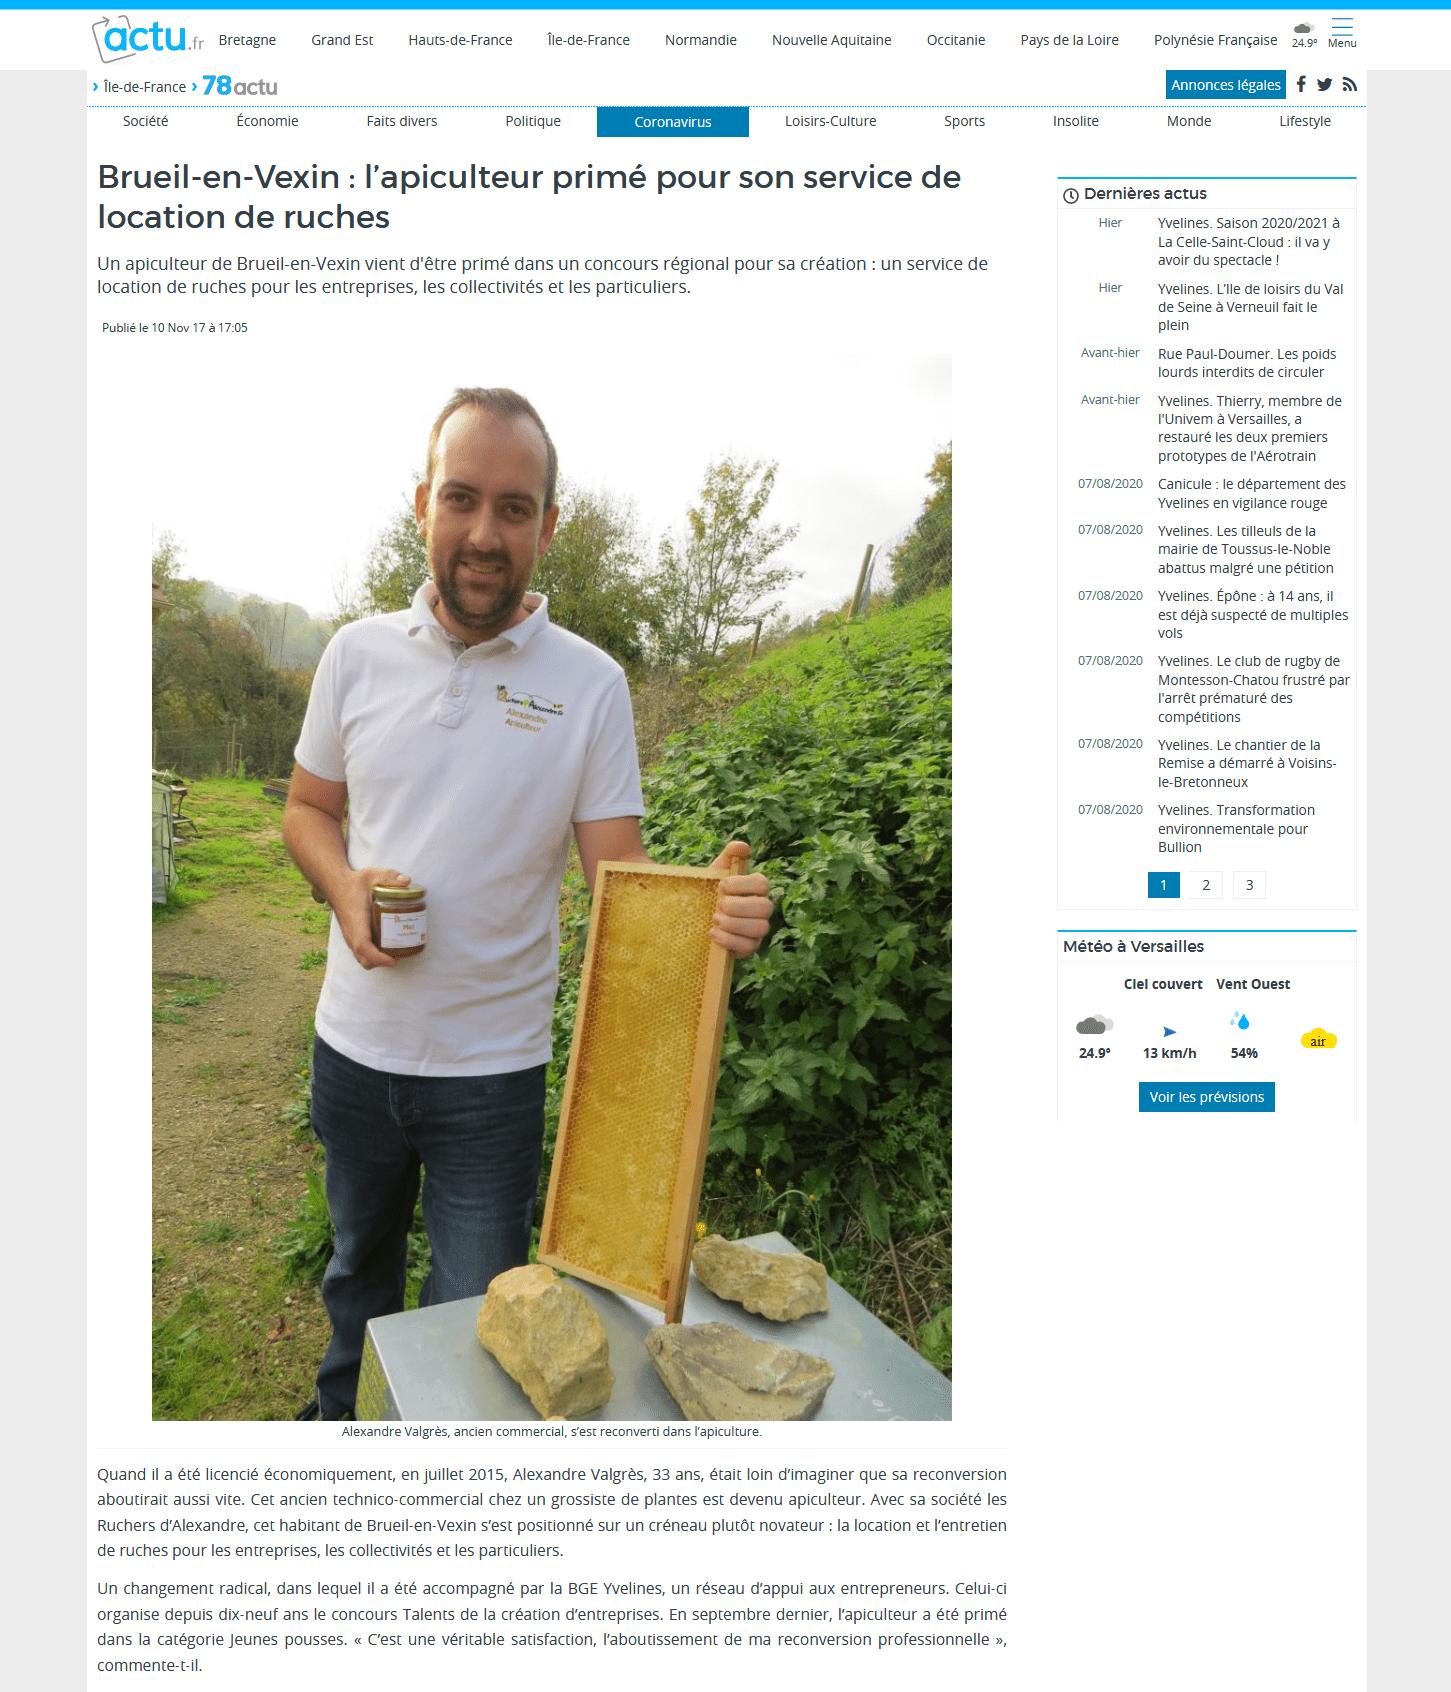 Brueil-en-Vexin : l'apiculteur primé pour son service de location de ruches